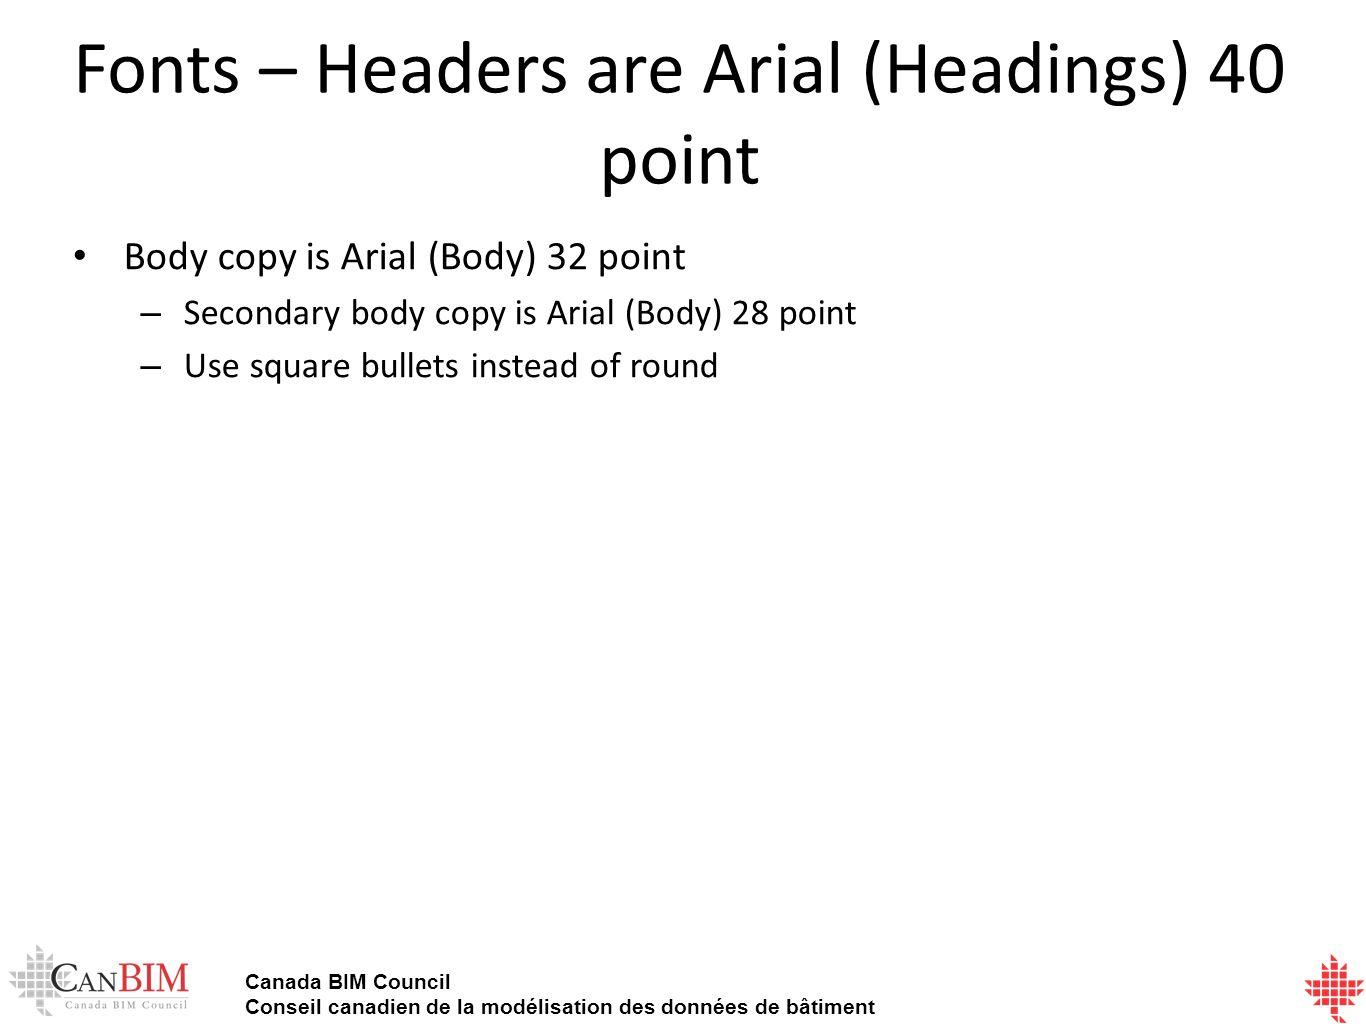 Canada BIM Council Conseil canadien de la modélisation des données de bâtiment Fonts – Headers are Arial (Headings) 40 point Body copy is Arial (Body) 32 point – Secondary body copy is Arial (Body) 28 point – Use square bullets instead of round